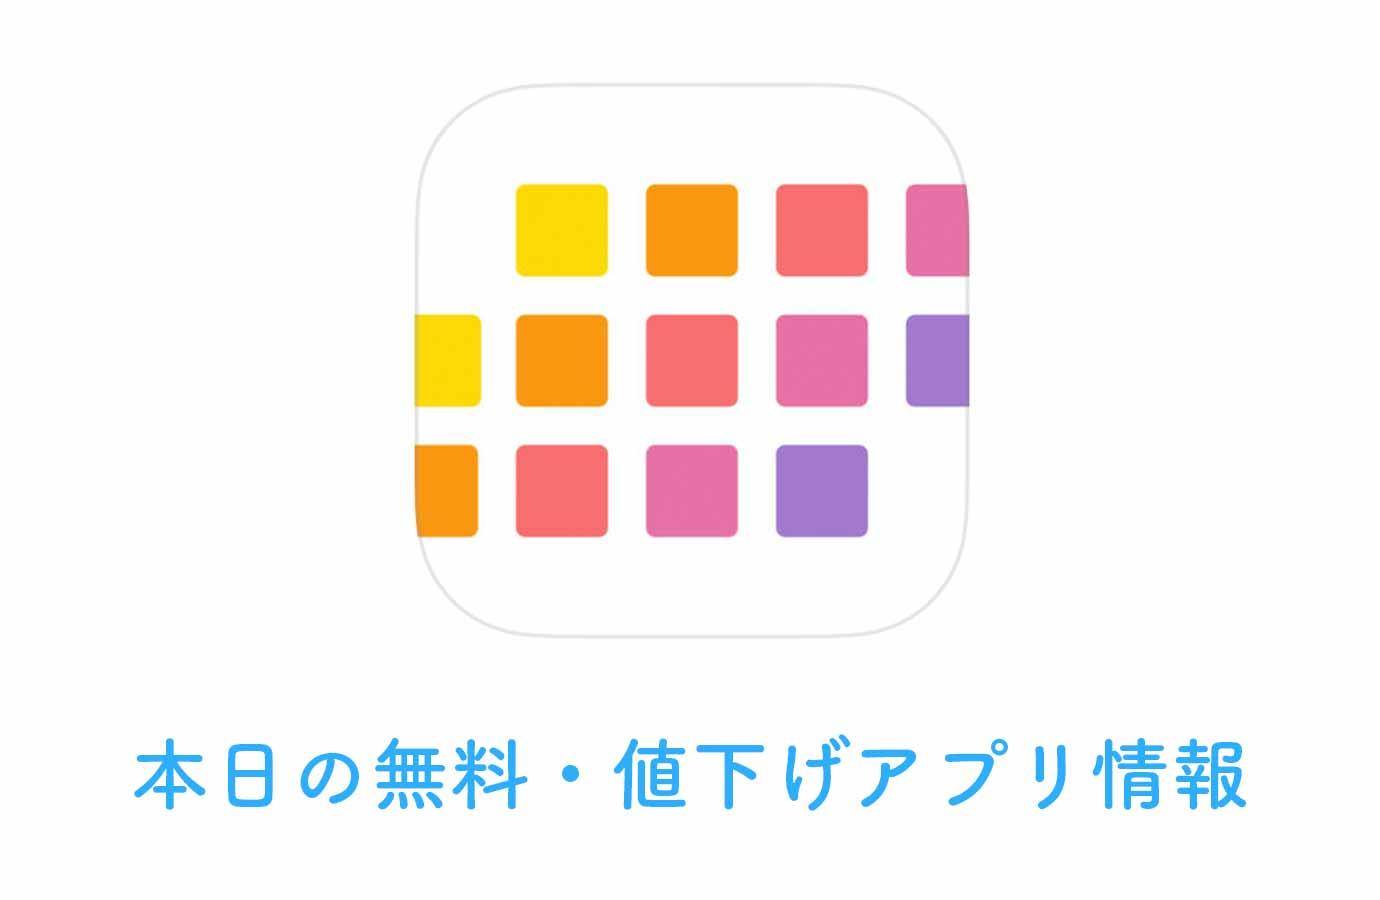 240円→無料、写真をカレンダー形式などに整理してくれる「Photos 365」など【6/26】本日の無料・値下げアプリ情報